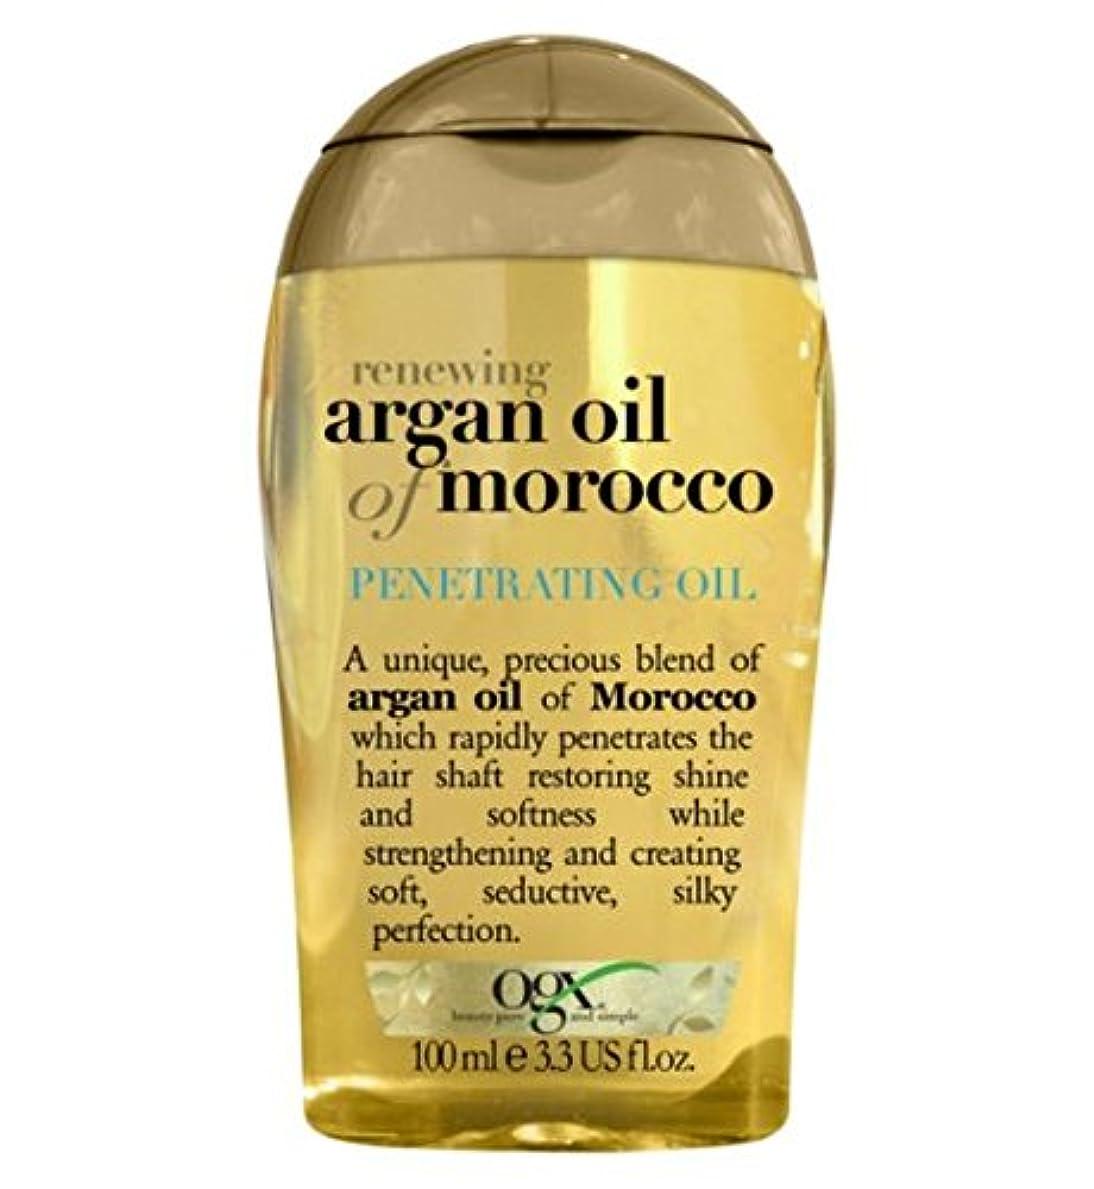 見せますベリクリエイティブOrganix Moroccan Argan Oil Penetrating Oil 100 ml (並行輸入品)